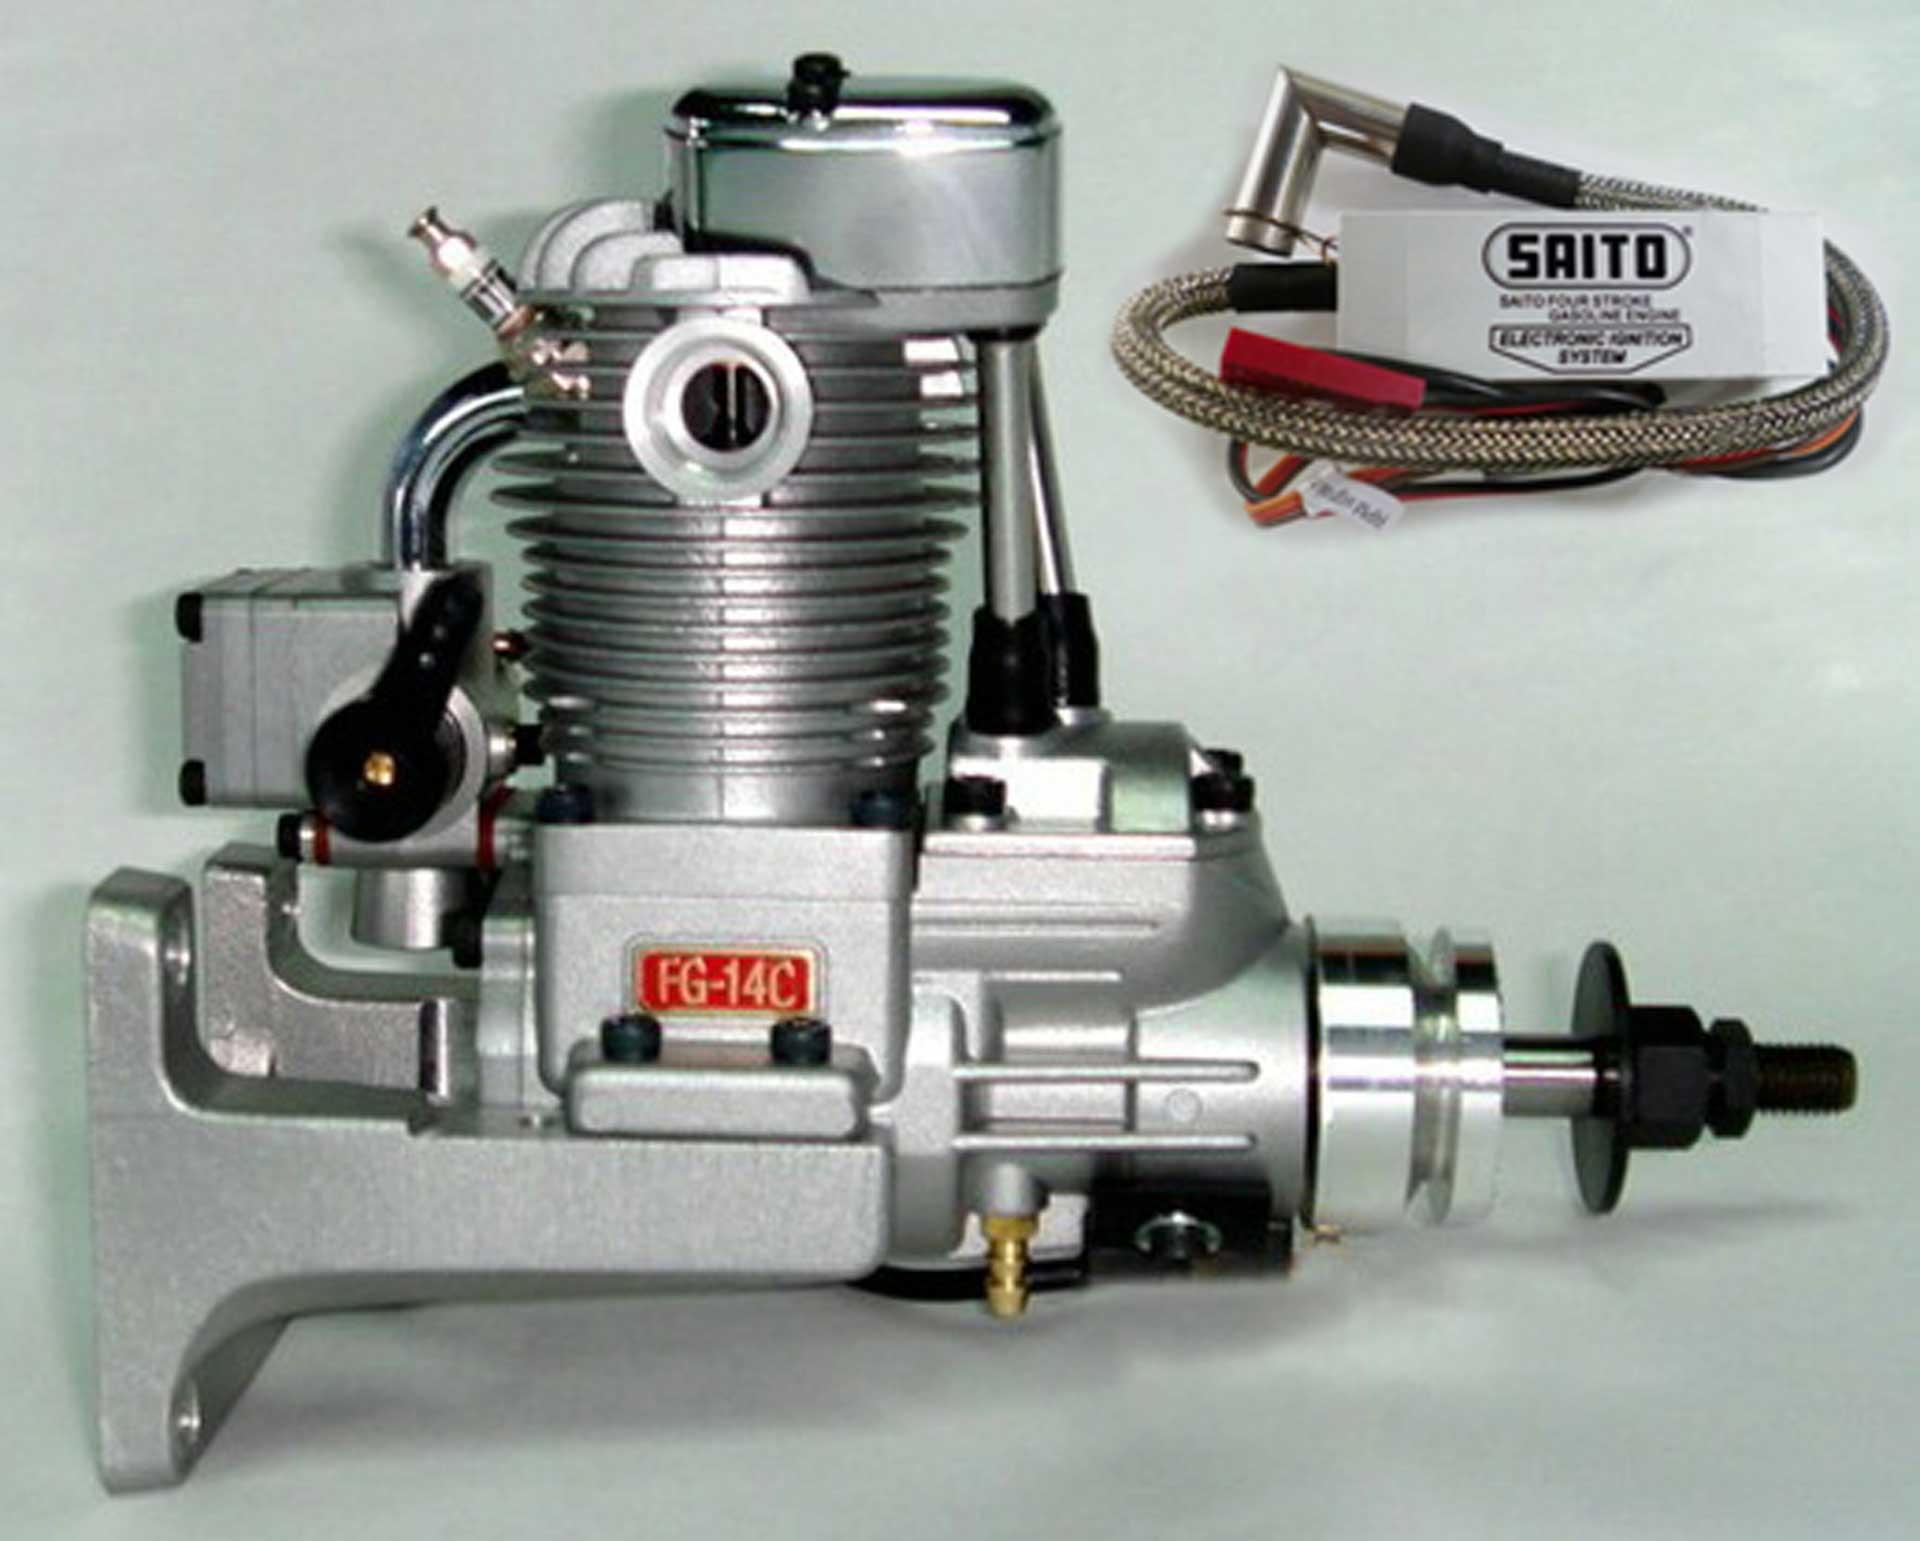 SAITO FG-14C BENZIN MOTOR